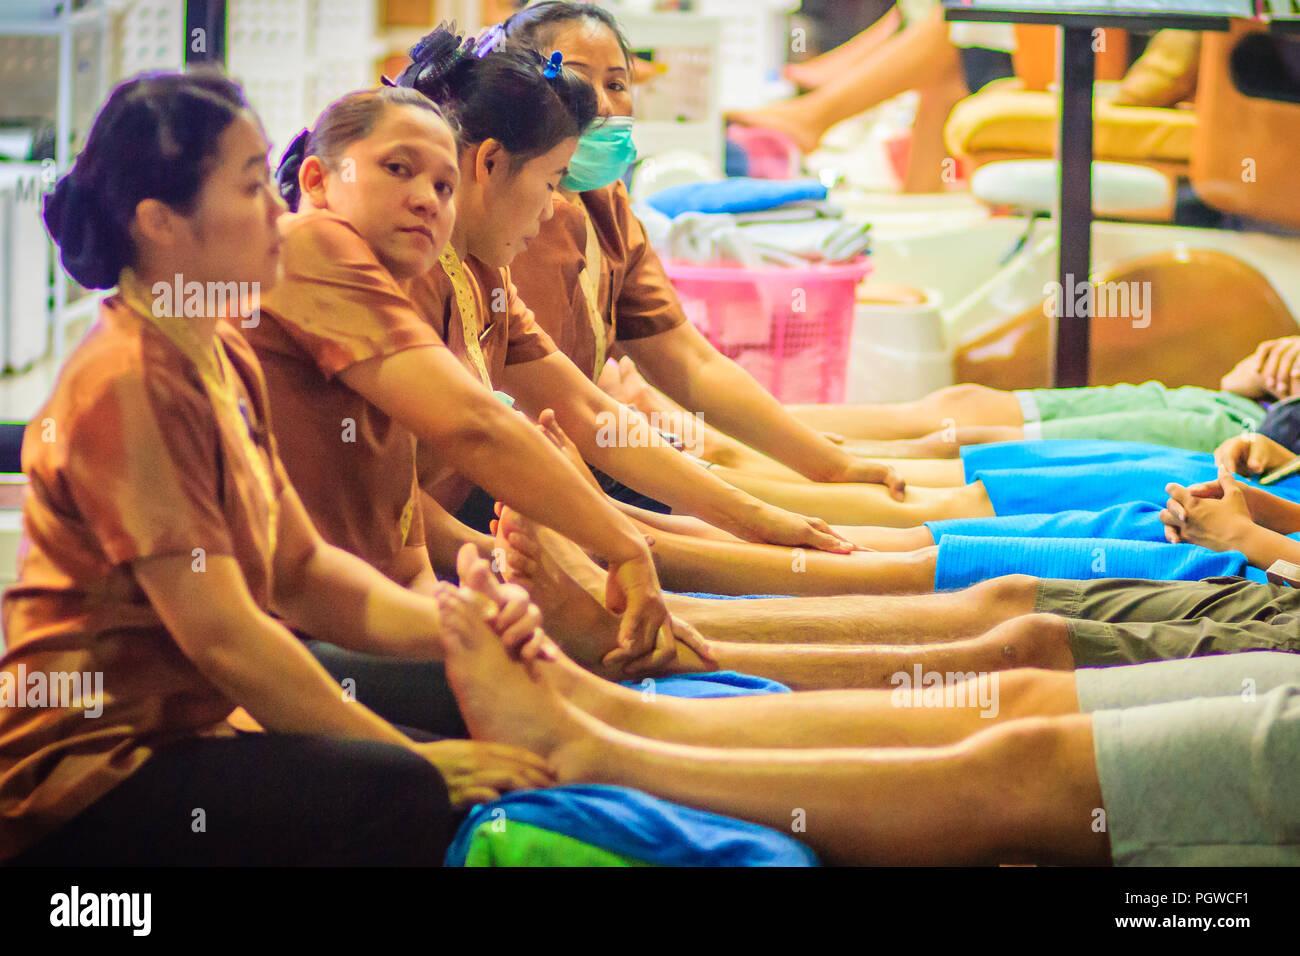 Bangkok, Thailand - March 2, 2017:  Foot massage service in spa salon at Khao San Road night market, Bangkok, Thailand. Stock Photo